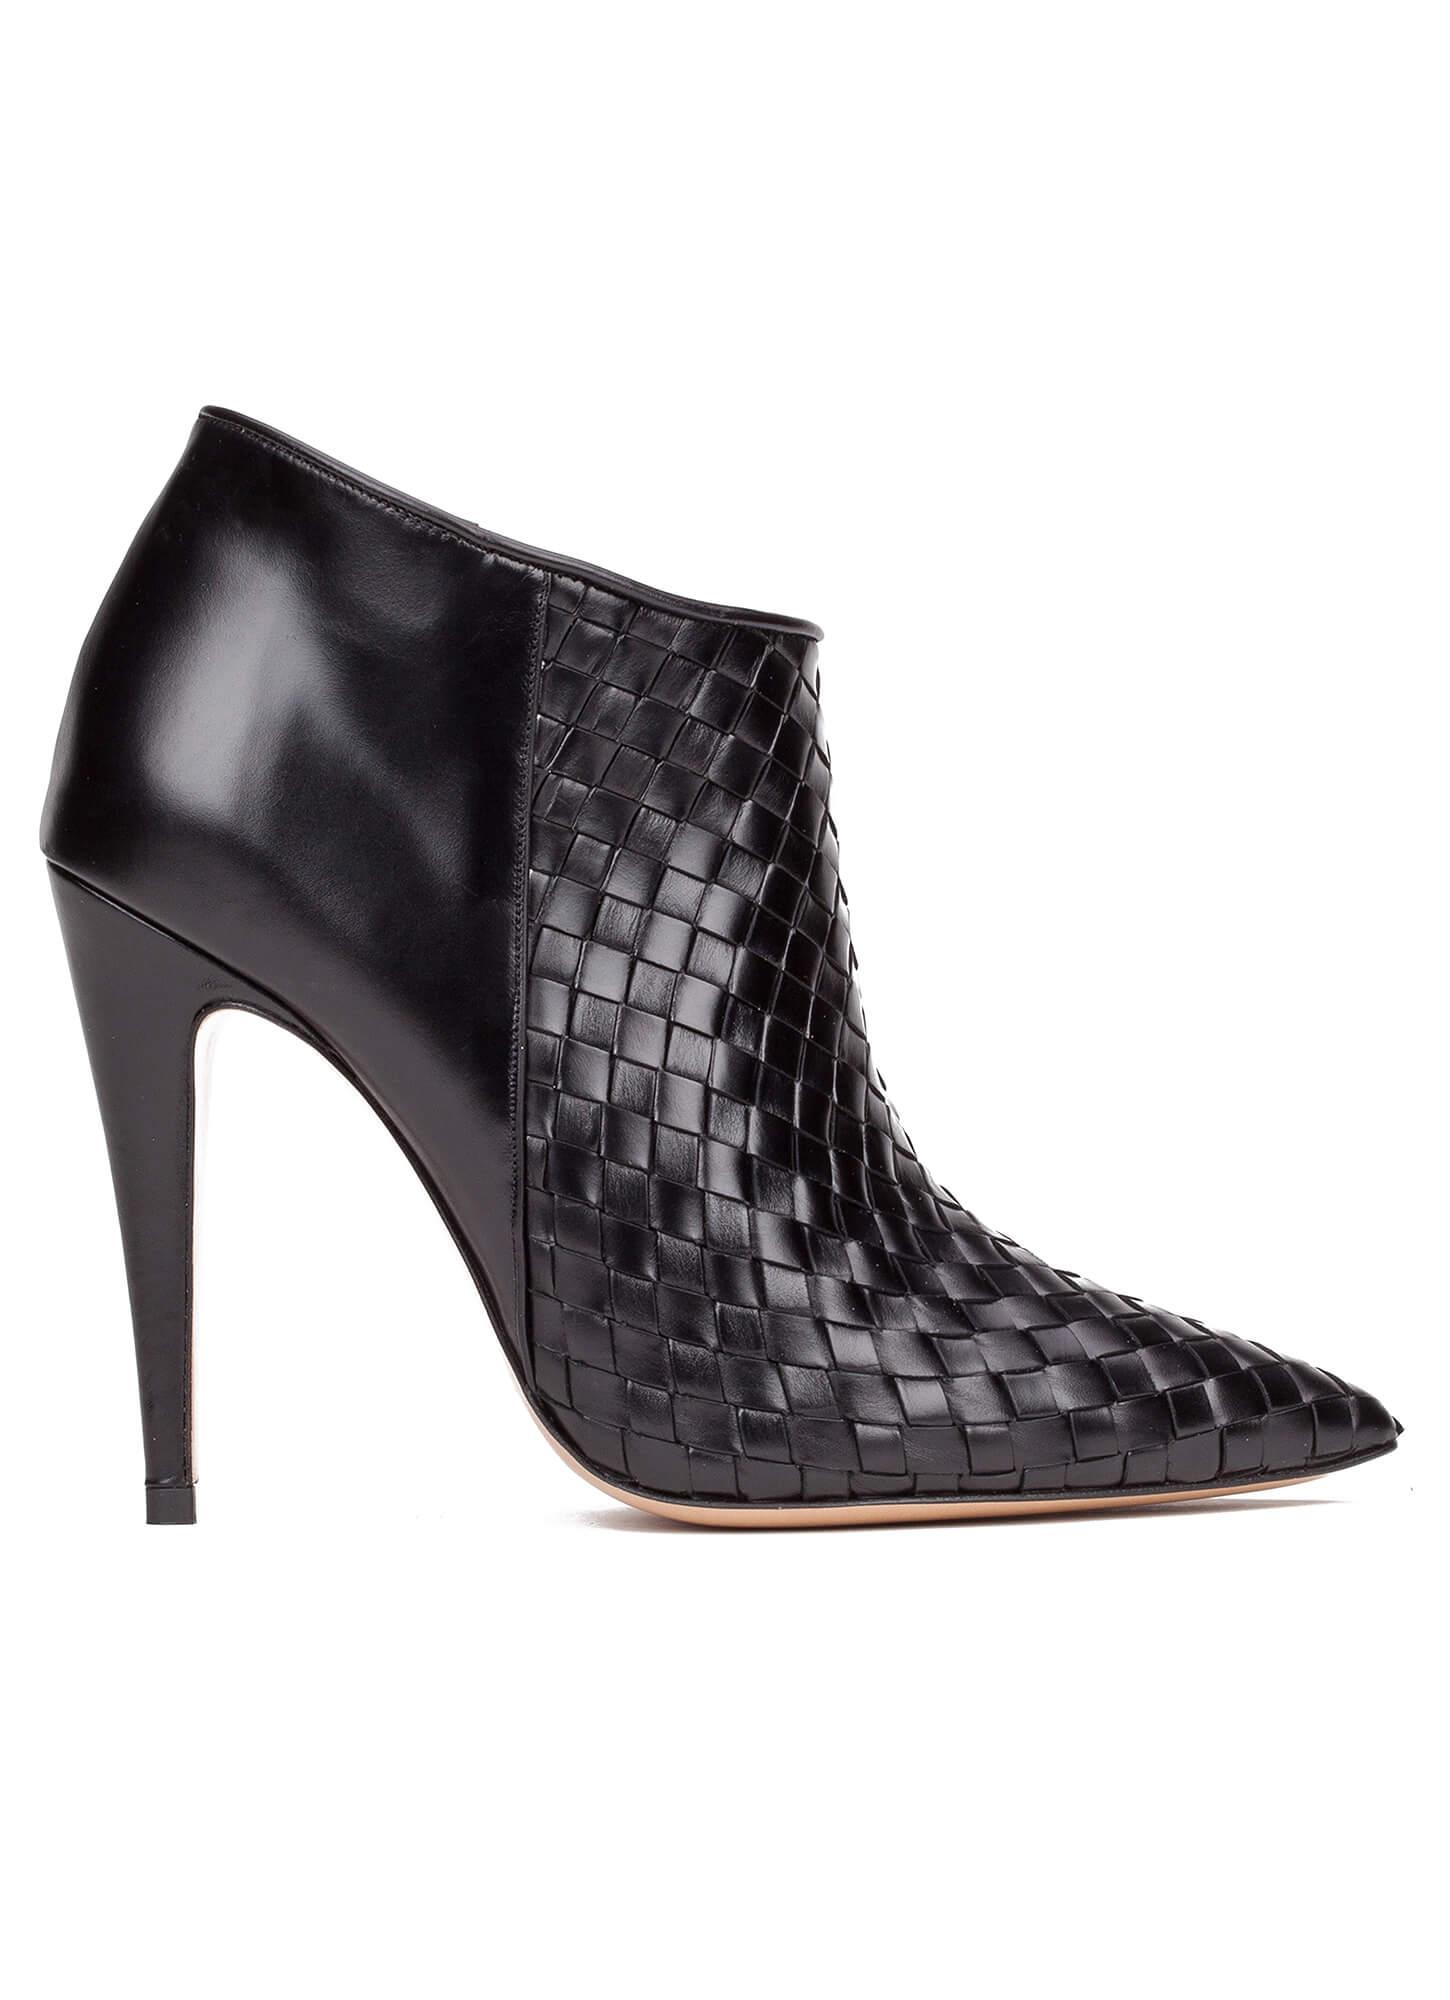 13a3acc0ccf Botines negros de tacón alto en piel - tienda de zapatos Pura López ...